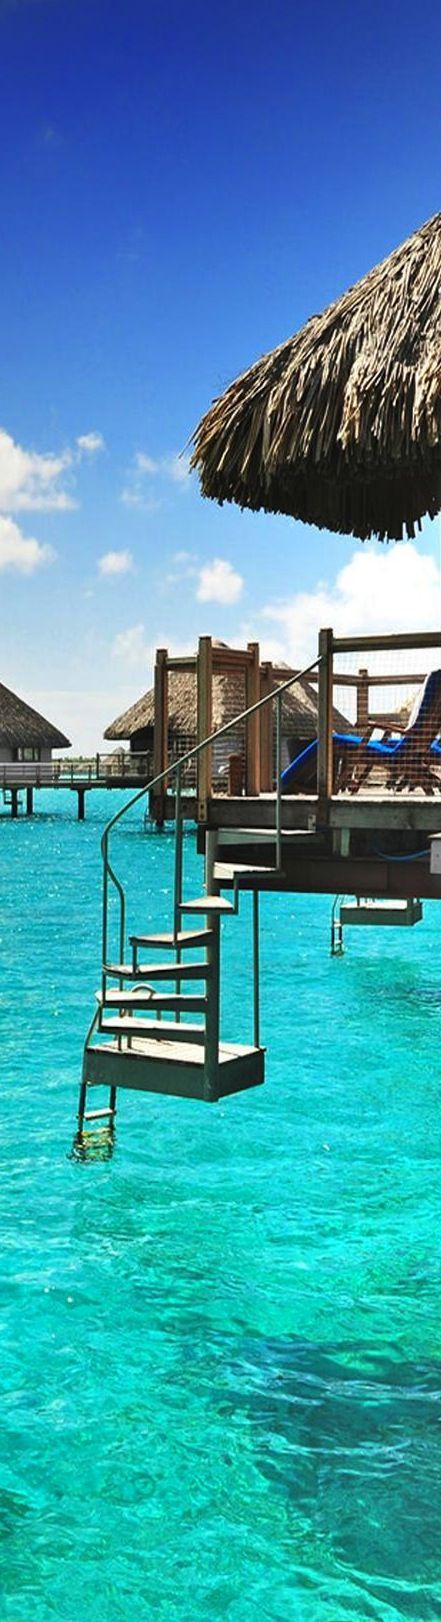 amazing tropical overwater huts reisen urlaub und. Black Bedroom Furniture Sets. Home Design Ideas